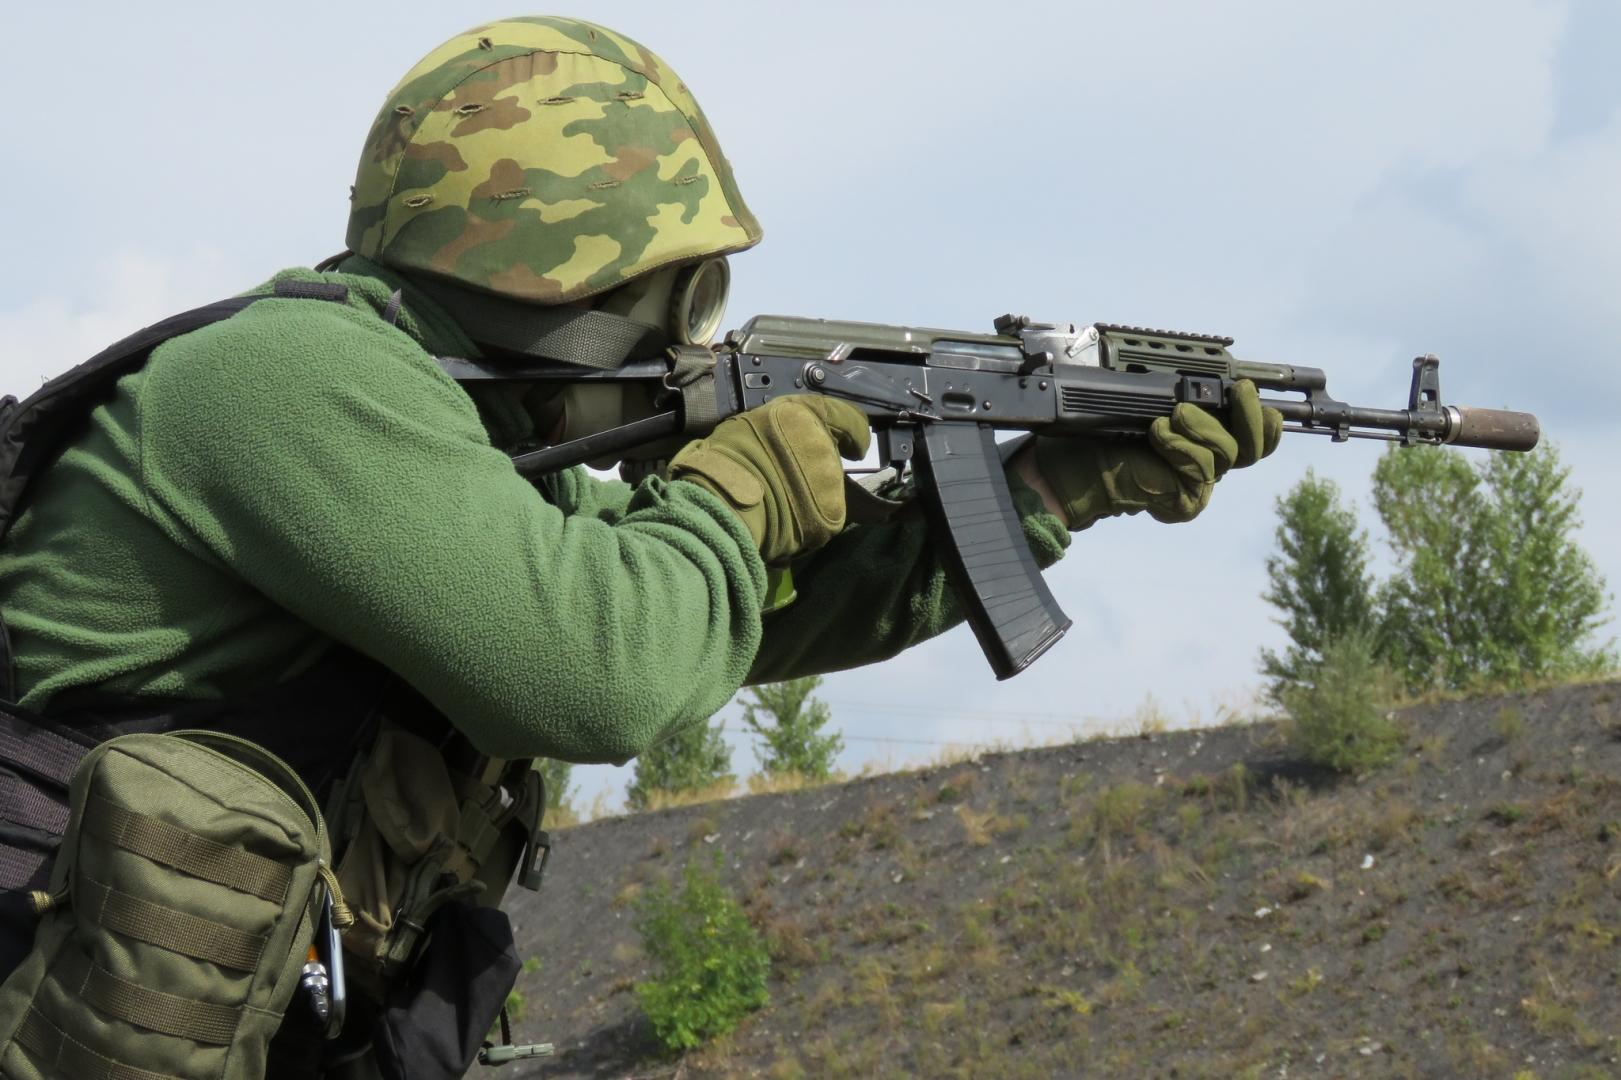 картинки солдат из игр с автоматом калашникова леонид даже